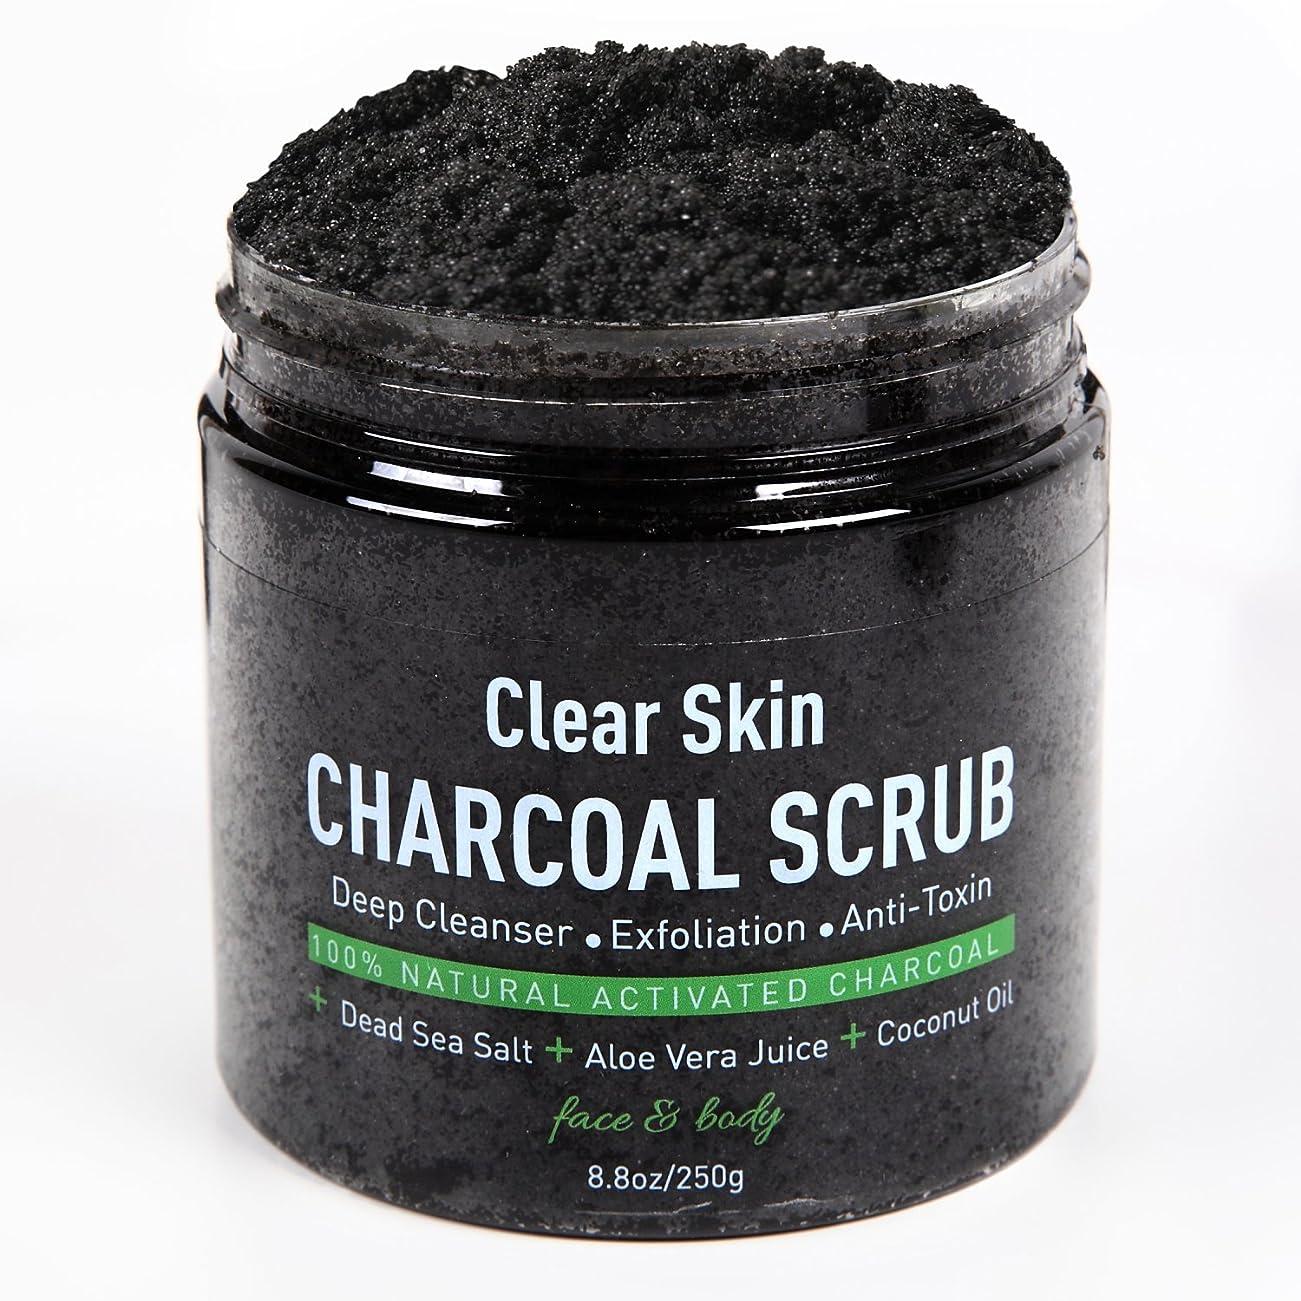 こしょうクラスの中で油ぎったオイリー肌を改善するスクラブ洗顔?ボディスクラブ 最高級活性炭により古い角質,毛穴の汚れをかき出す美肌効果!